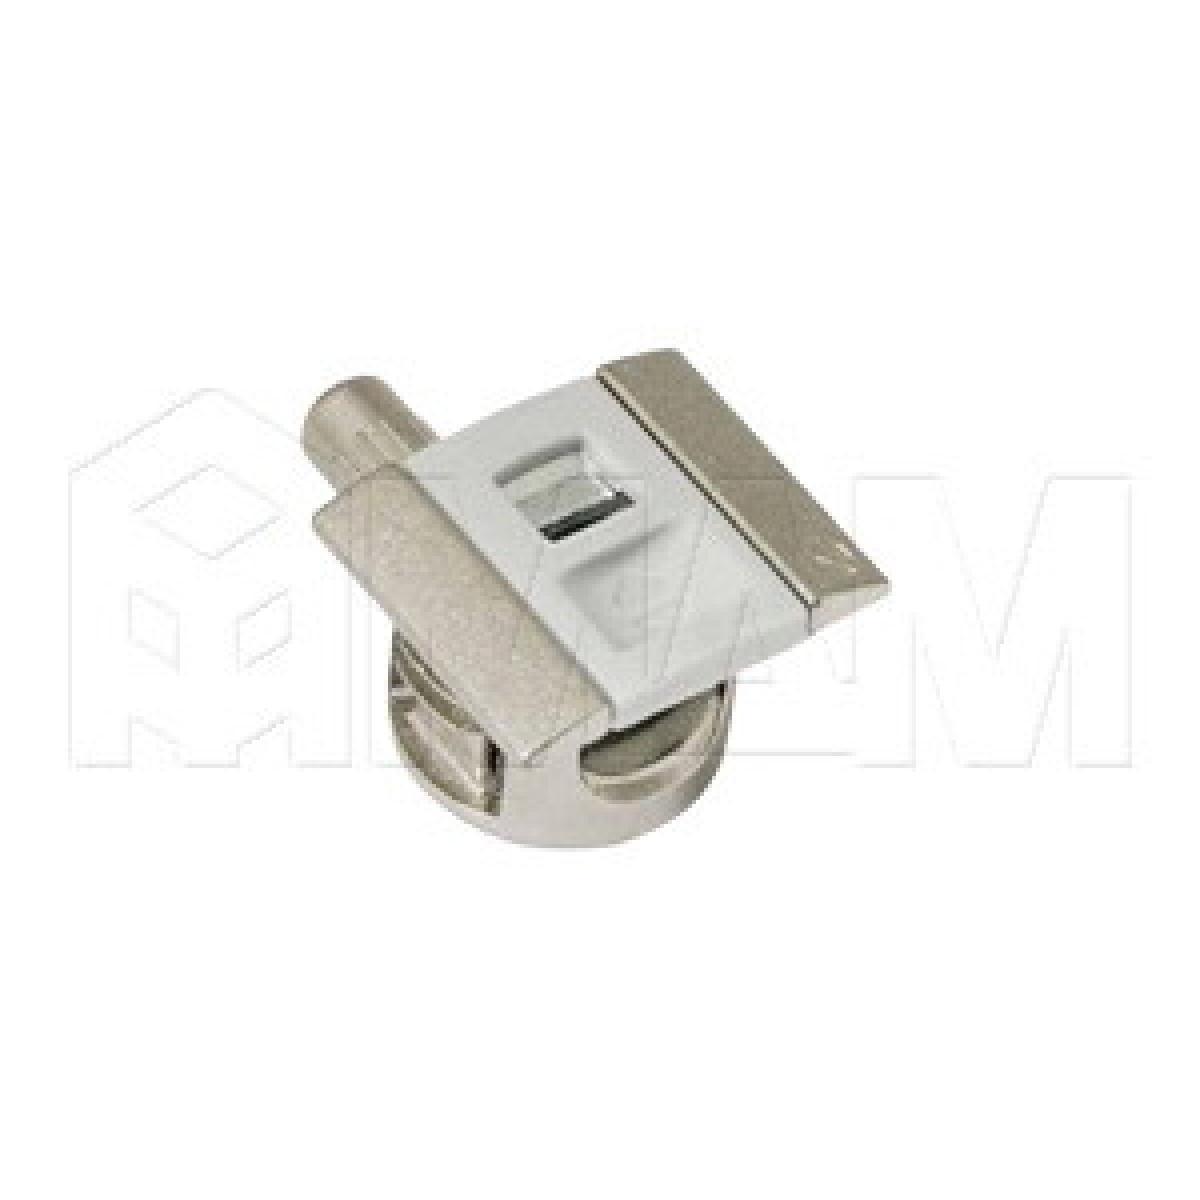 UNICO Полкодержатель для деревянных полок с фиксацией, со штоком без резьбы, светло-серый